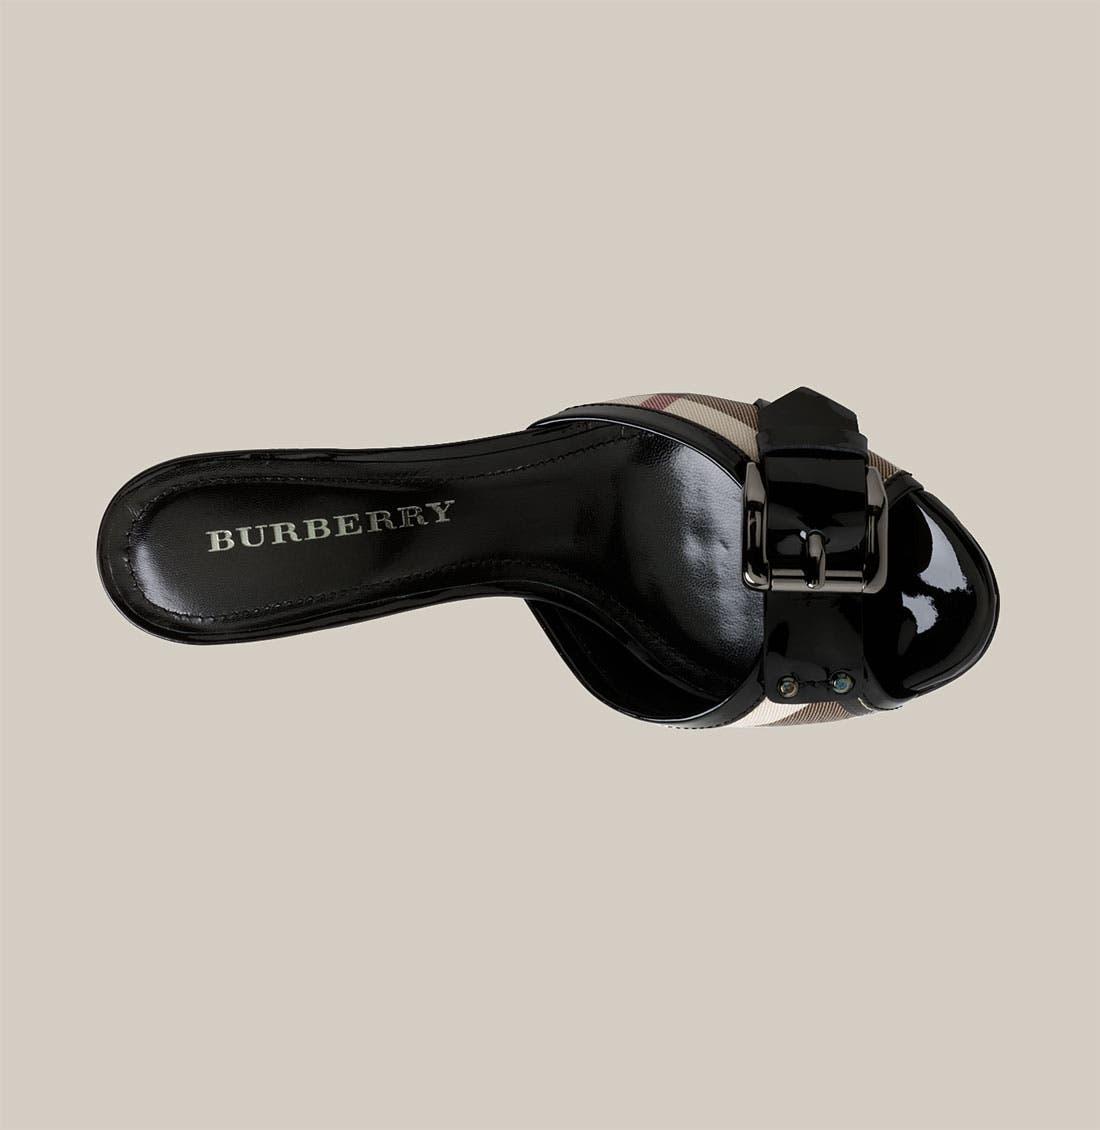 BURBERRY,                             Kitten Heel Slide,                             Alternate thumbnail 3, color,                             001